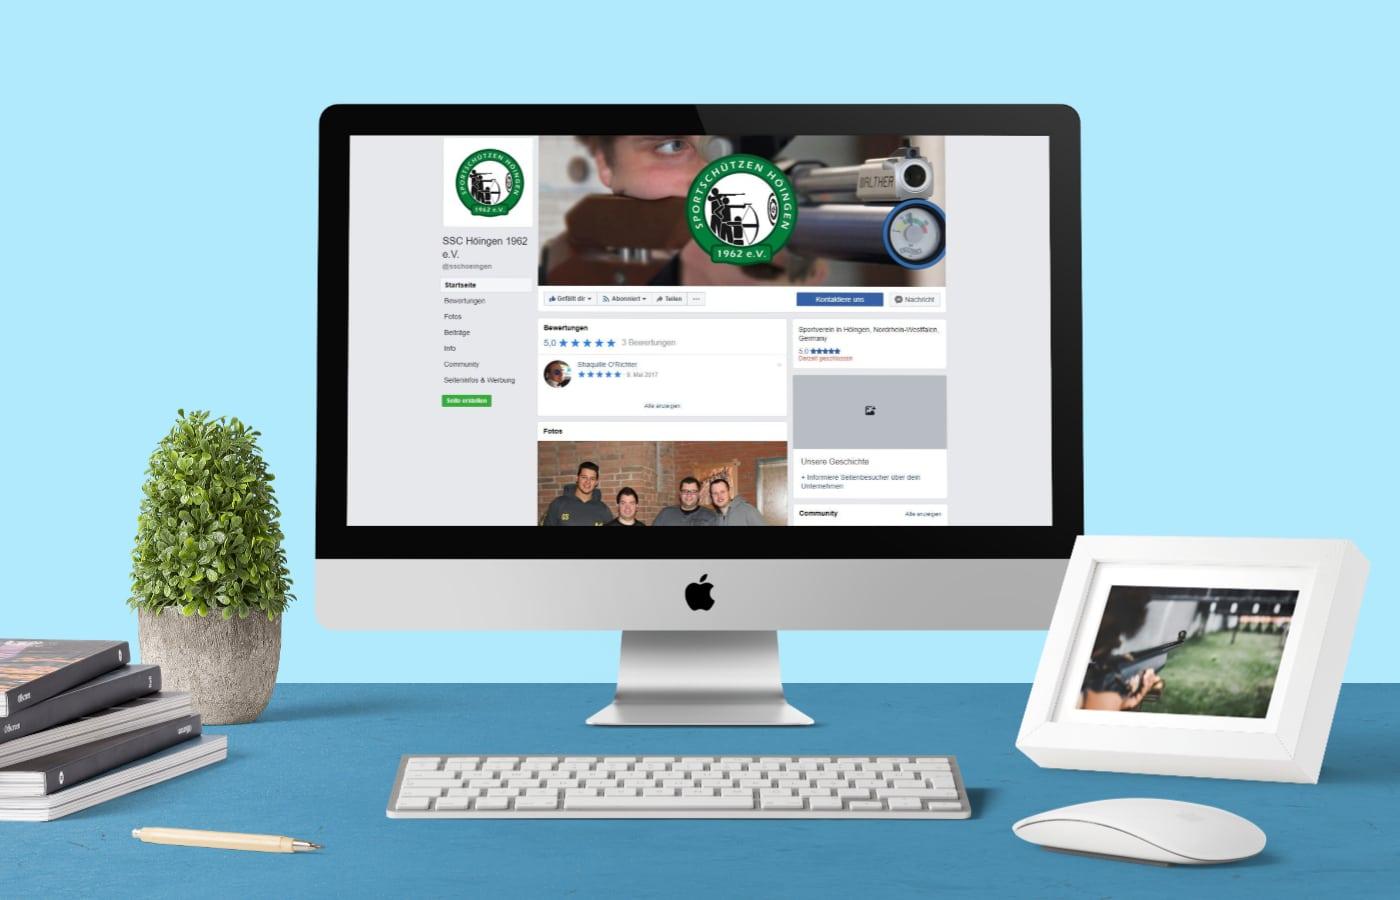 Facebook-Fanpage SSC Höingen e.V. – CR Mediendesign